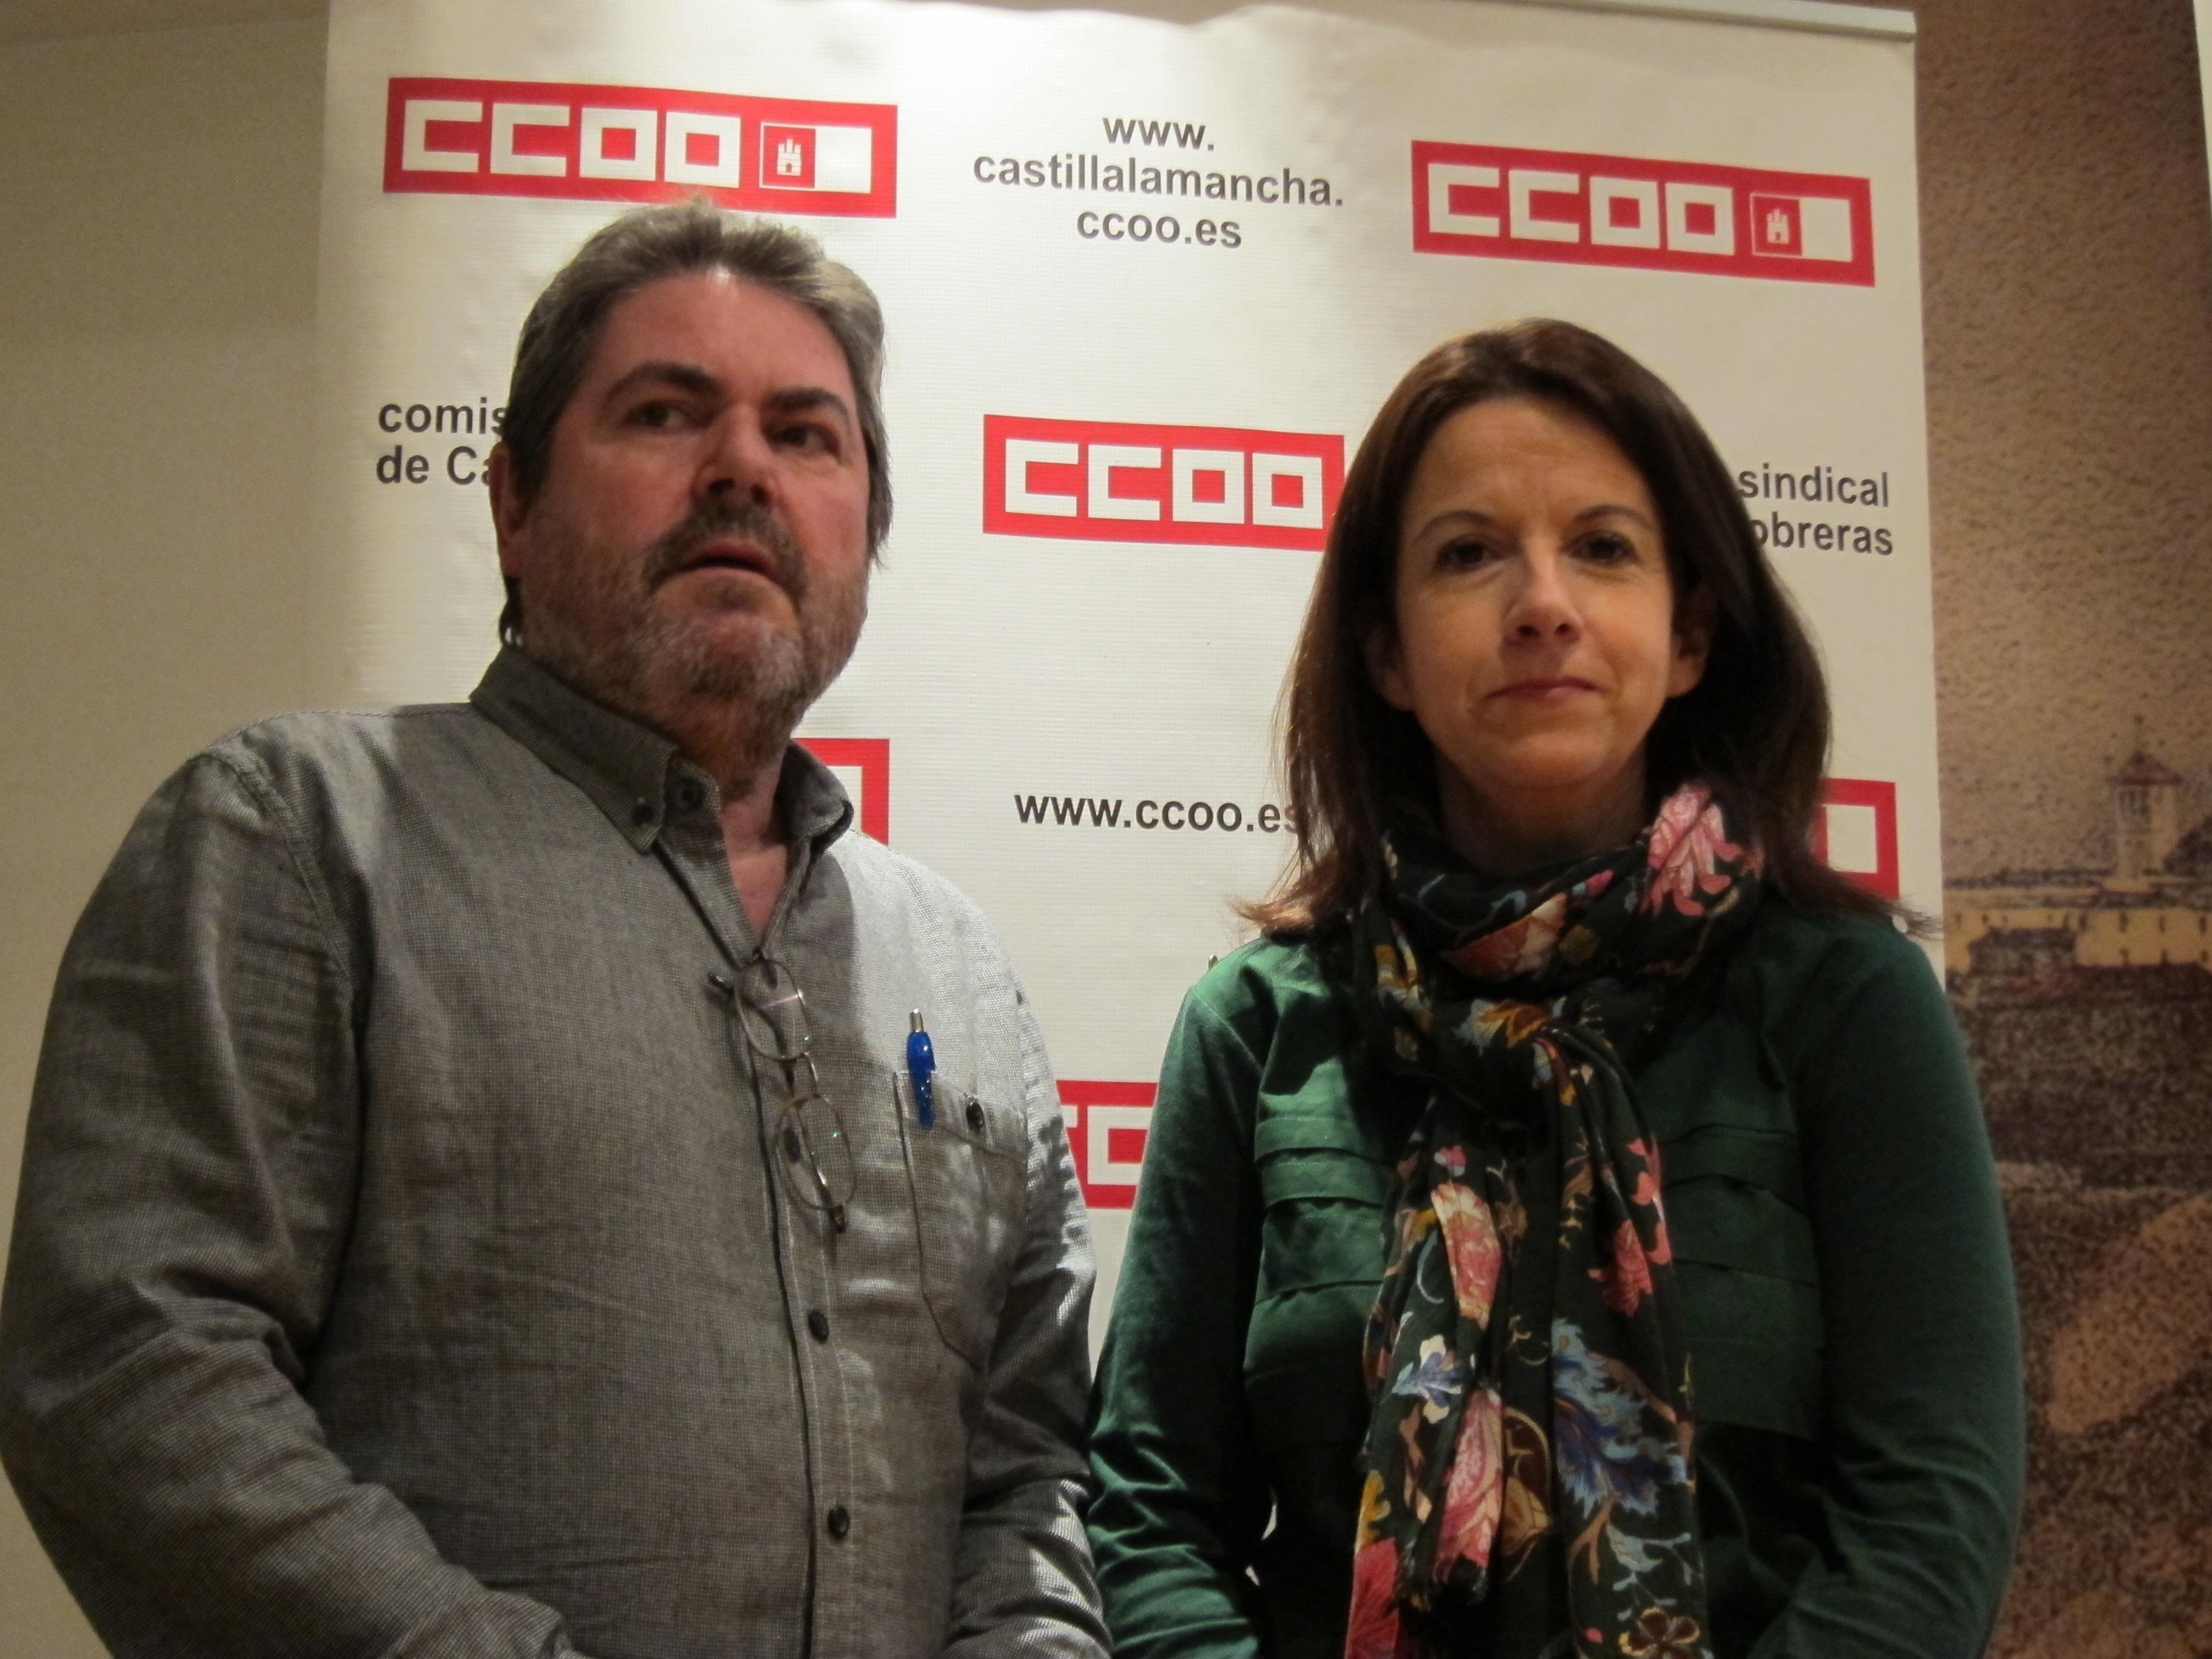 CCOO asegura que las bajas por enfermedad están «maquilladas» porque los trabajadores acuden a trabajar enfermos